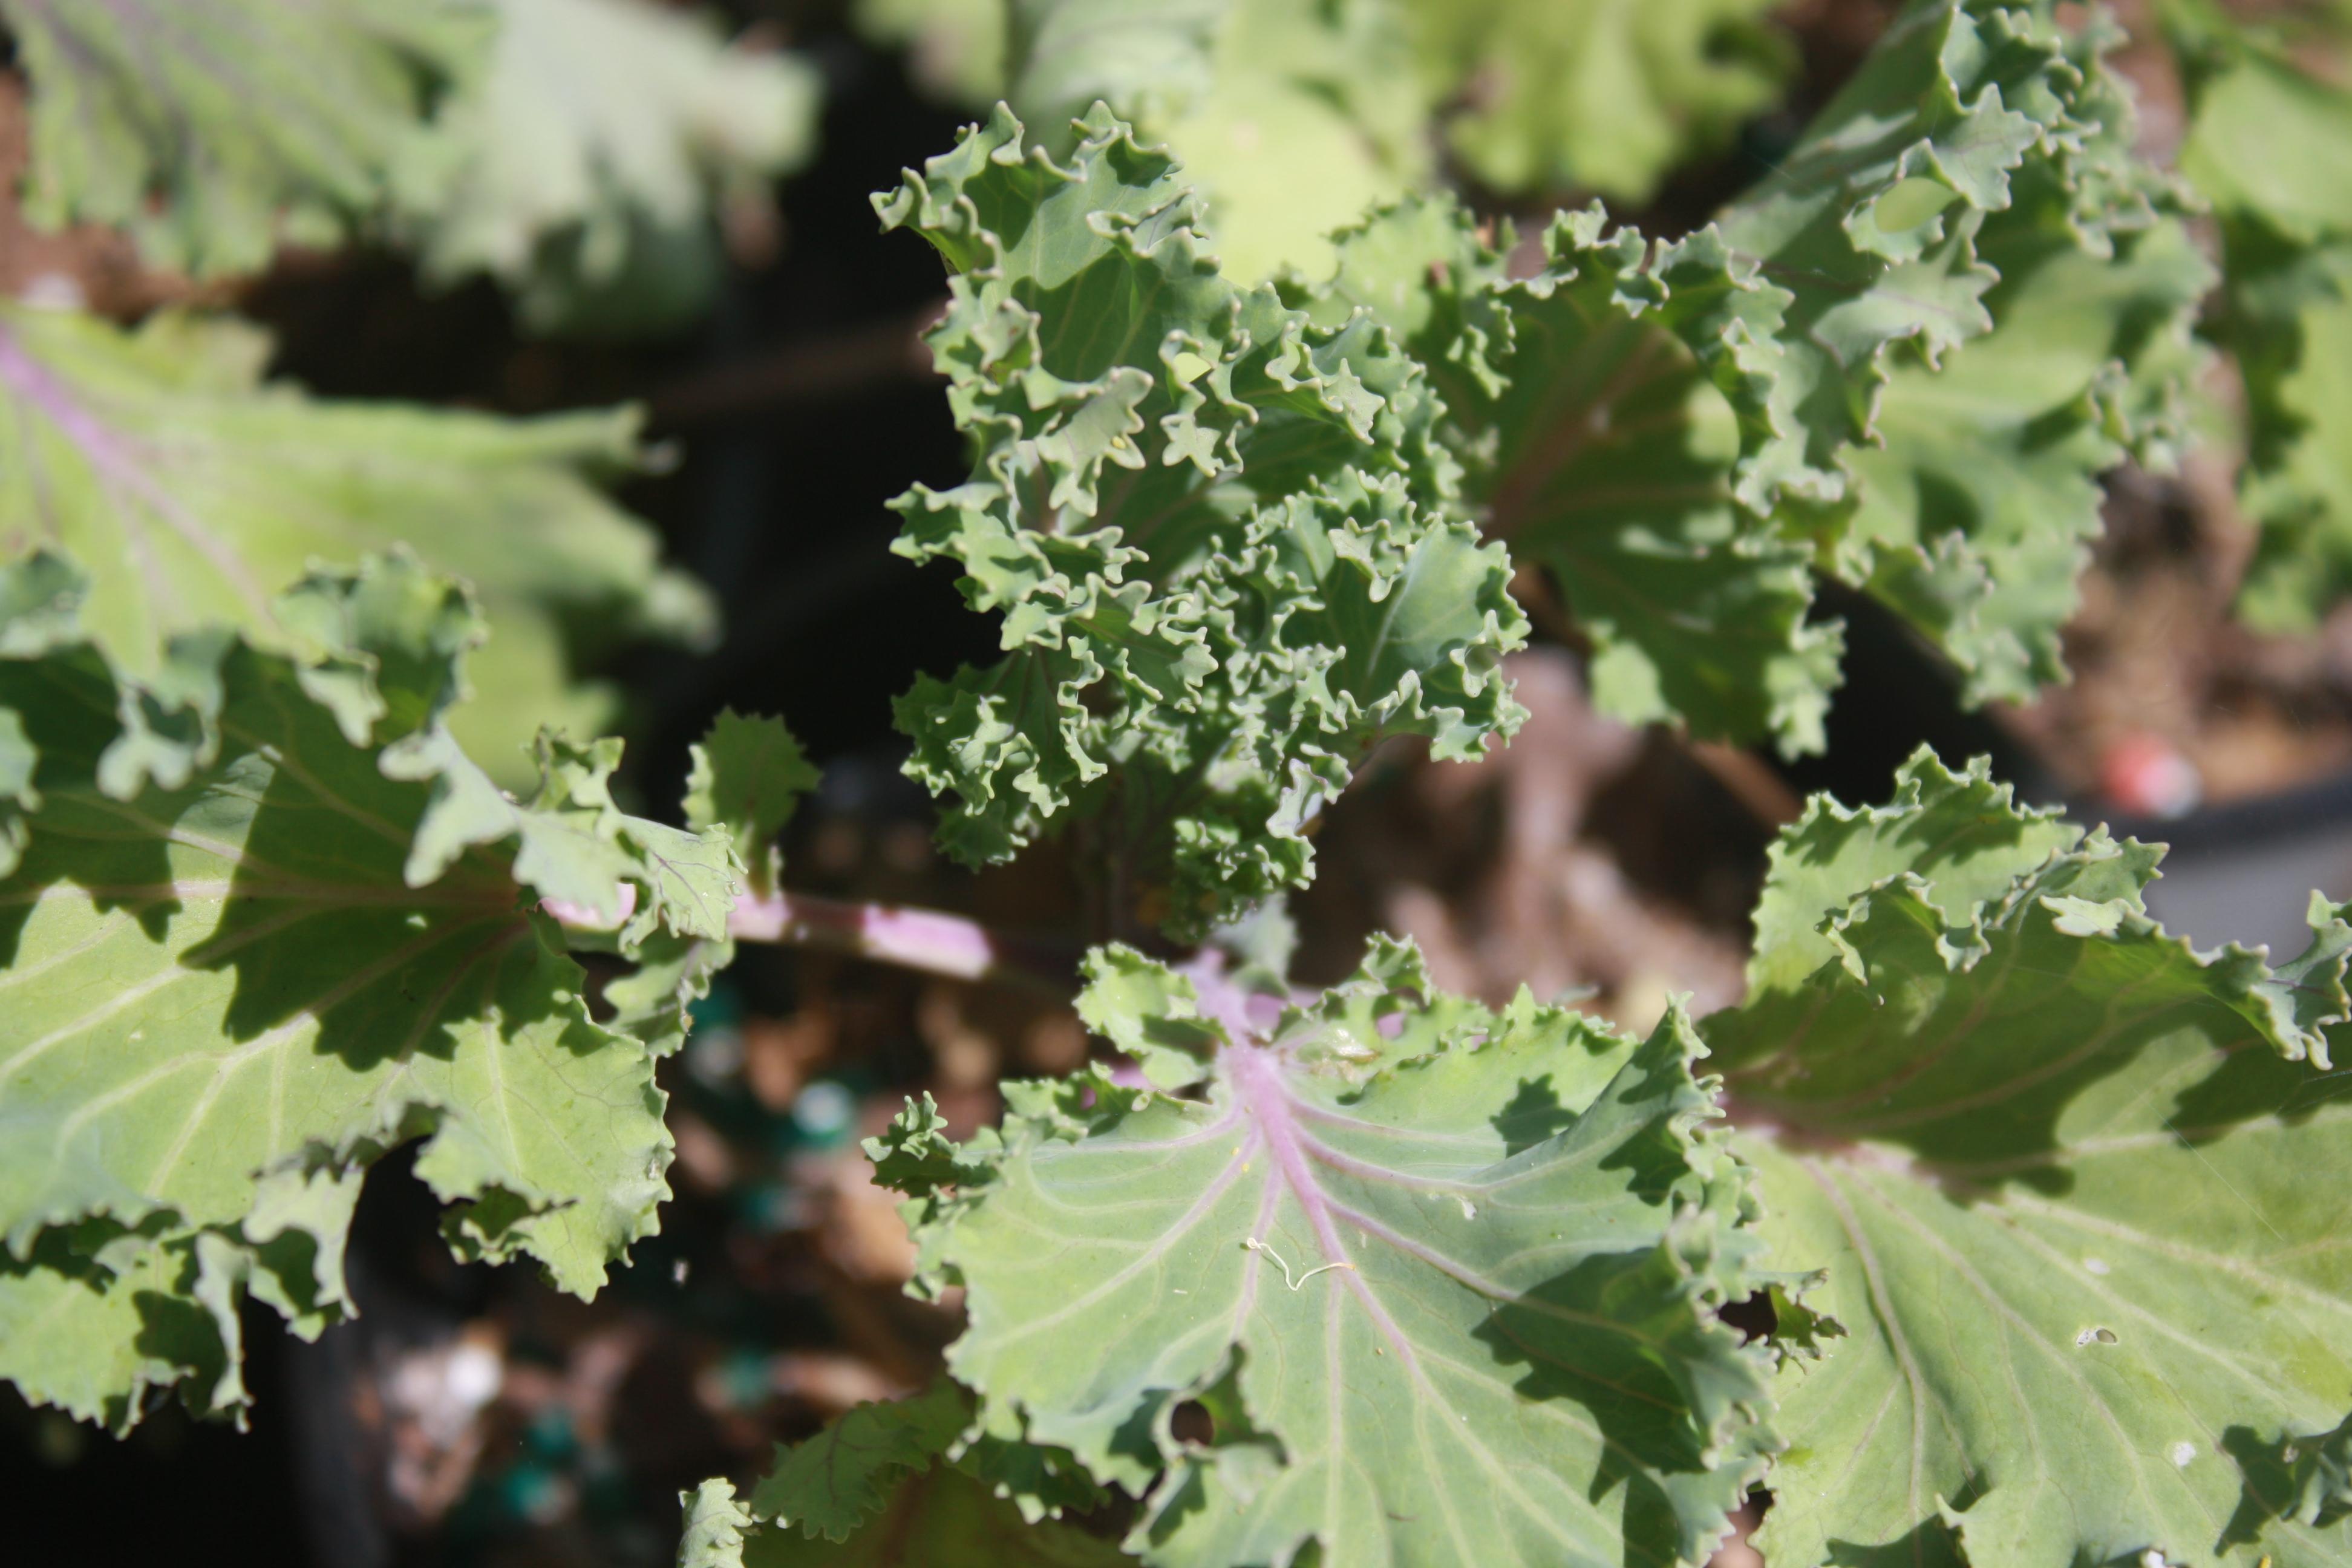 Frilly kale